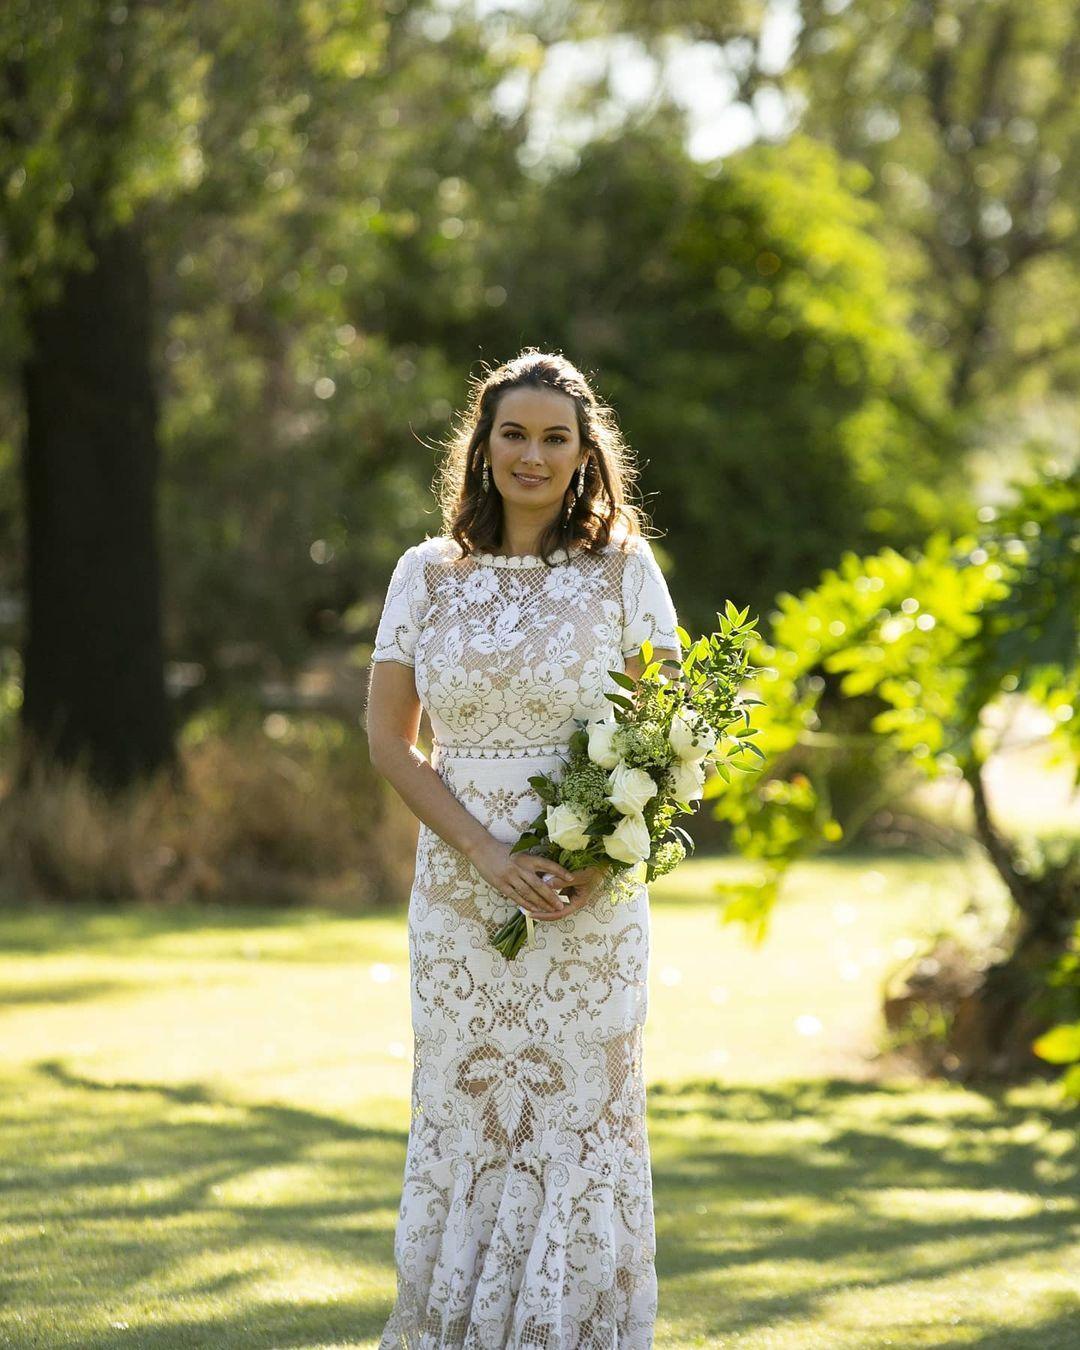 Evelyn Sharma' Wedding Look